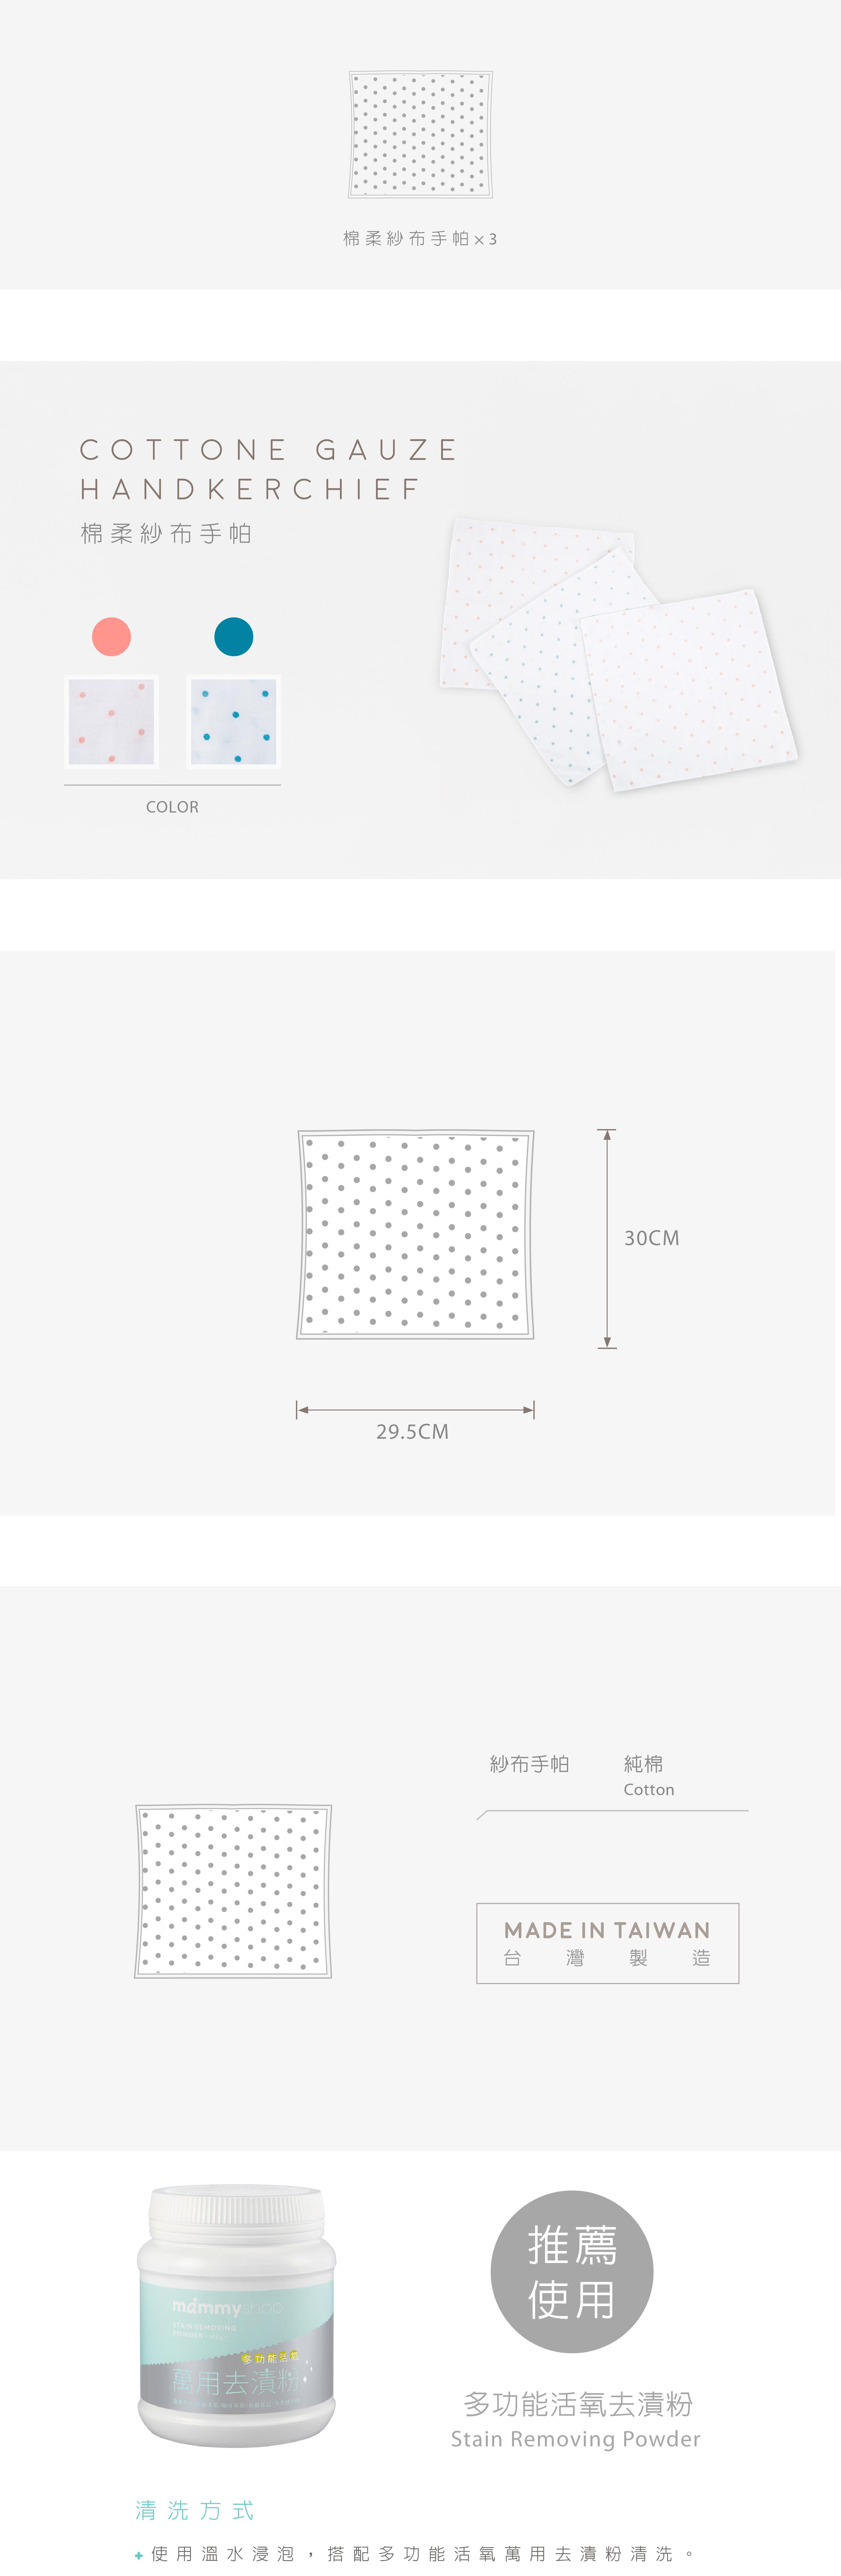 棉柔紗布手帕-商品介紹